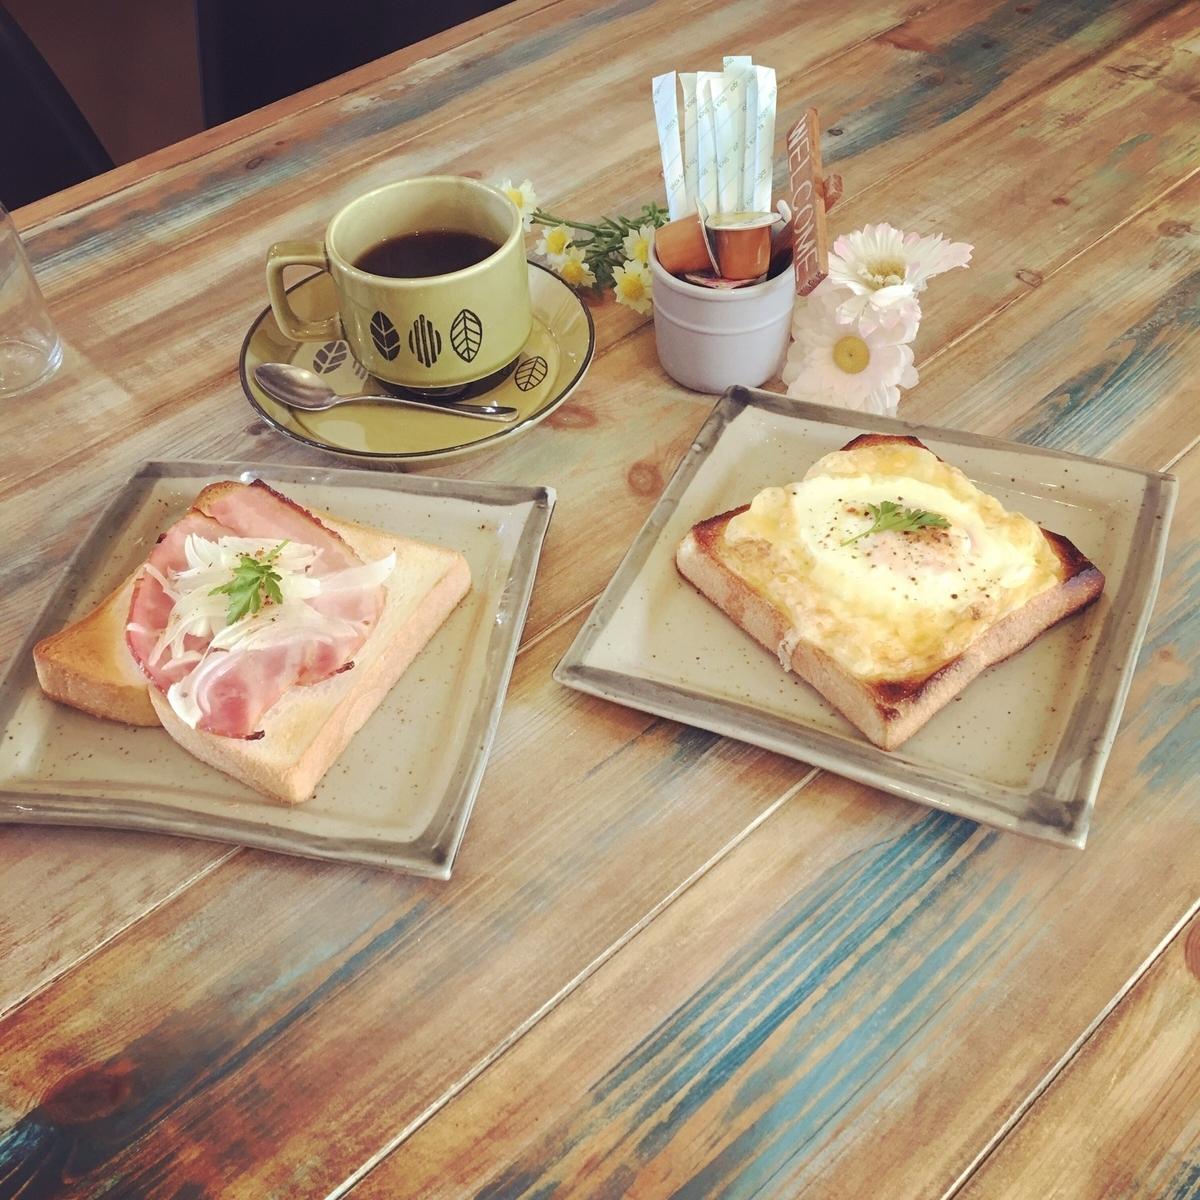 伊豆白浜で朝食 bakecafe niche(ニッチェ)